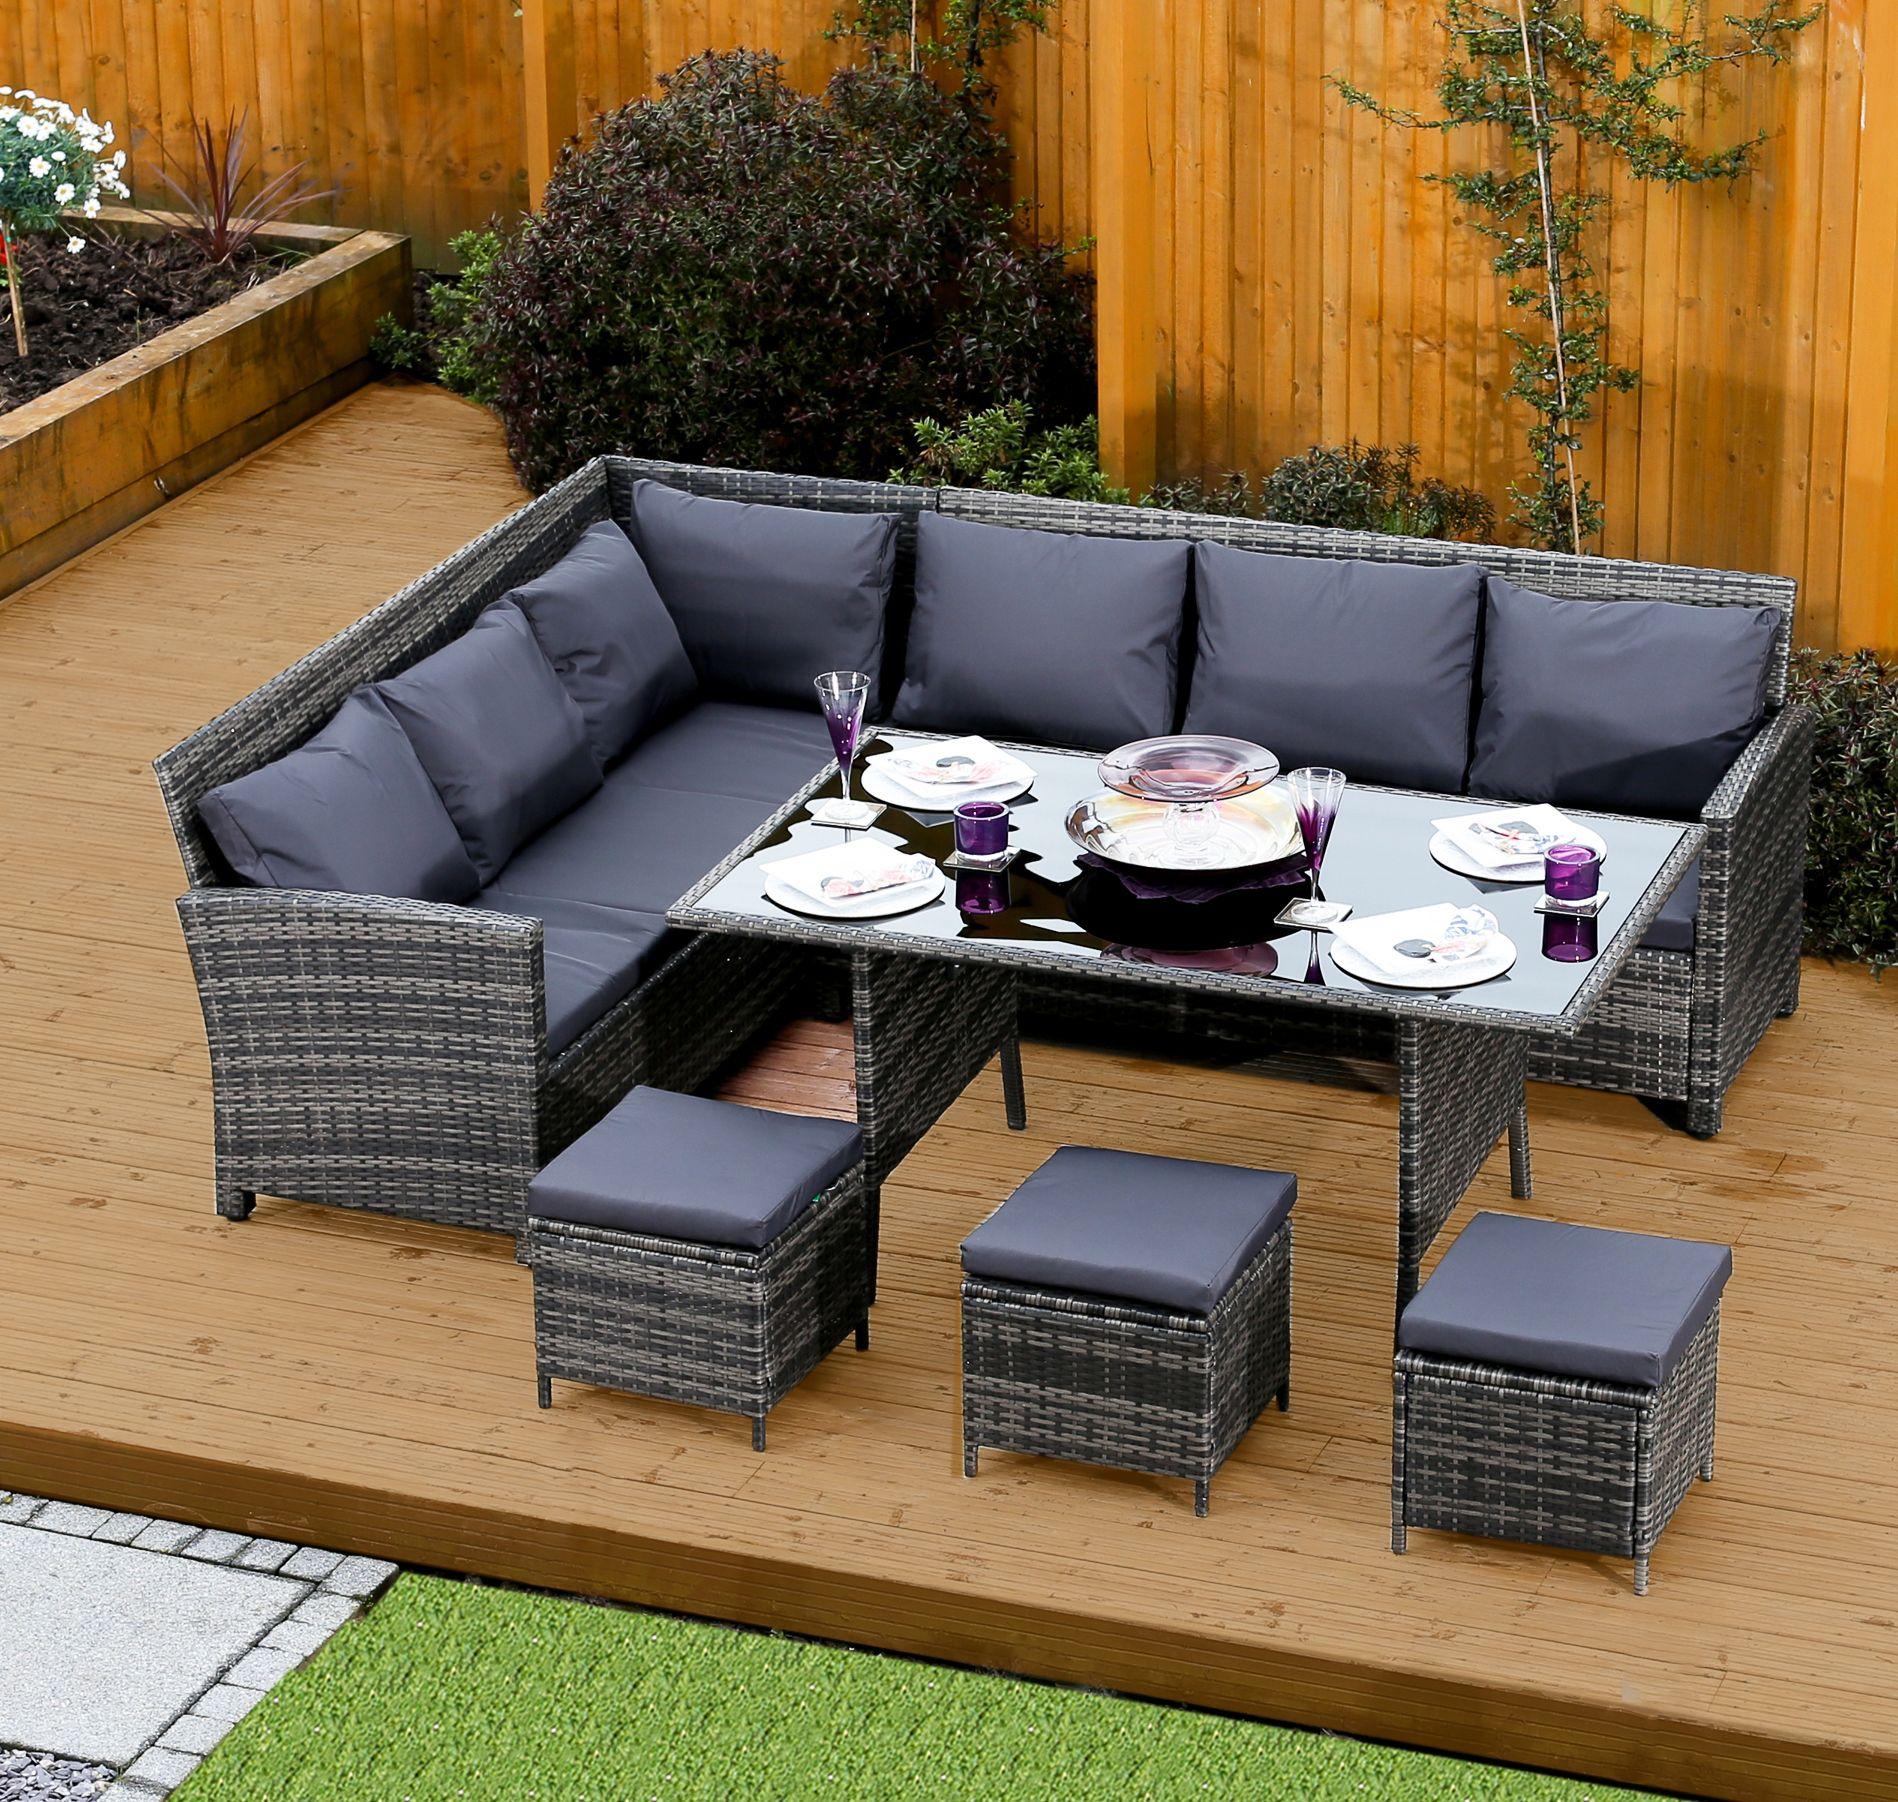 Grey Rattan Seat Dining Set Http Gardenfurniture Co Uk